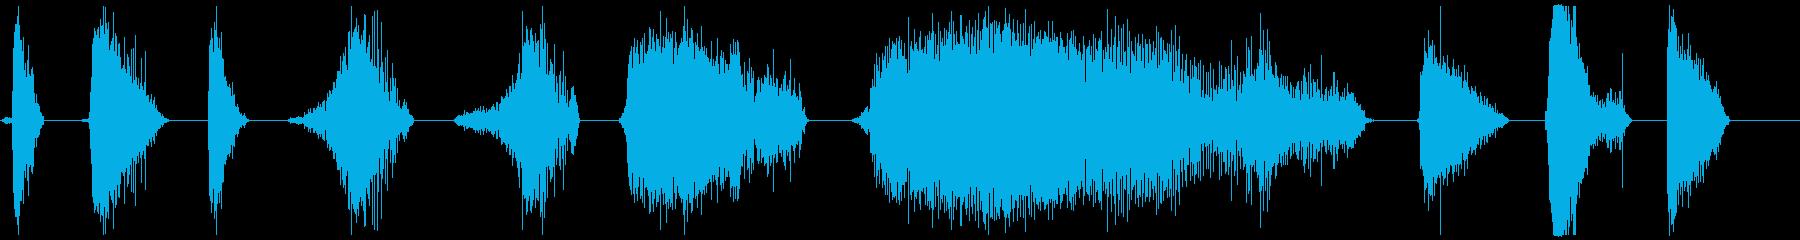 モンスターブレスロア26-36の再生済みの波形